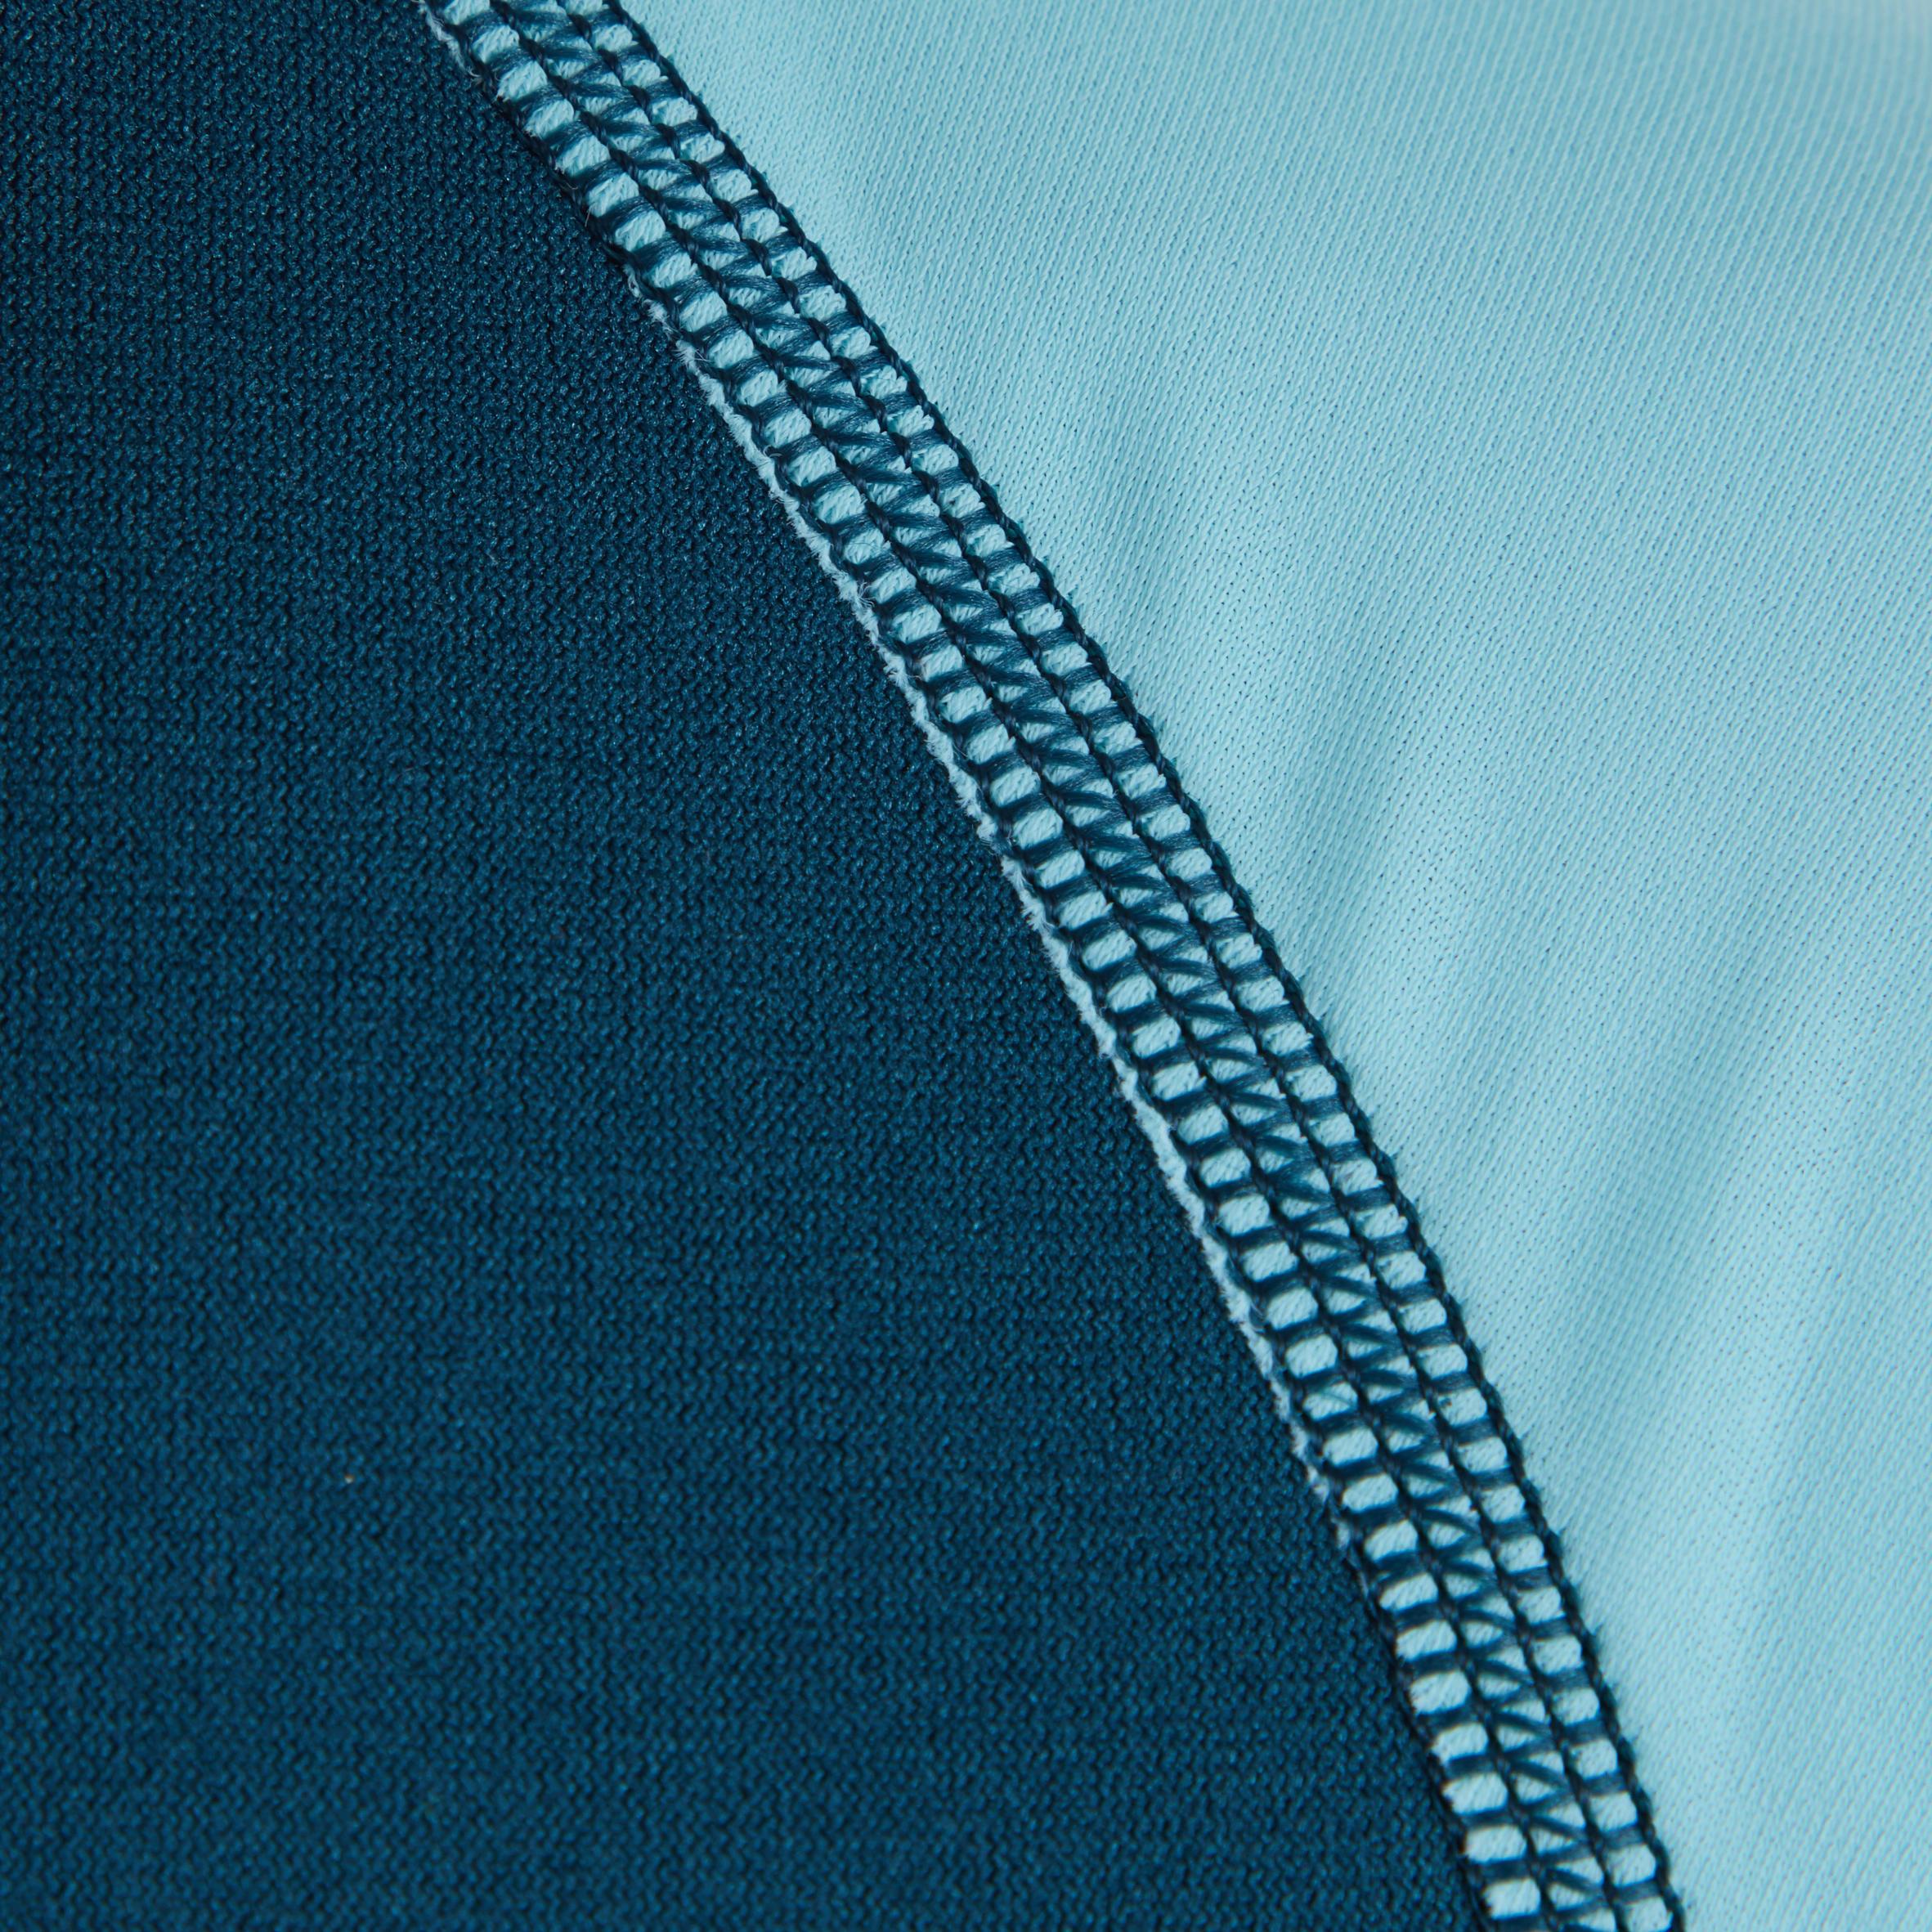 Haut néoprène 1,5 mm SNK 100 pour enfant turquoise